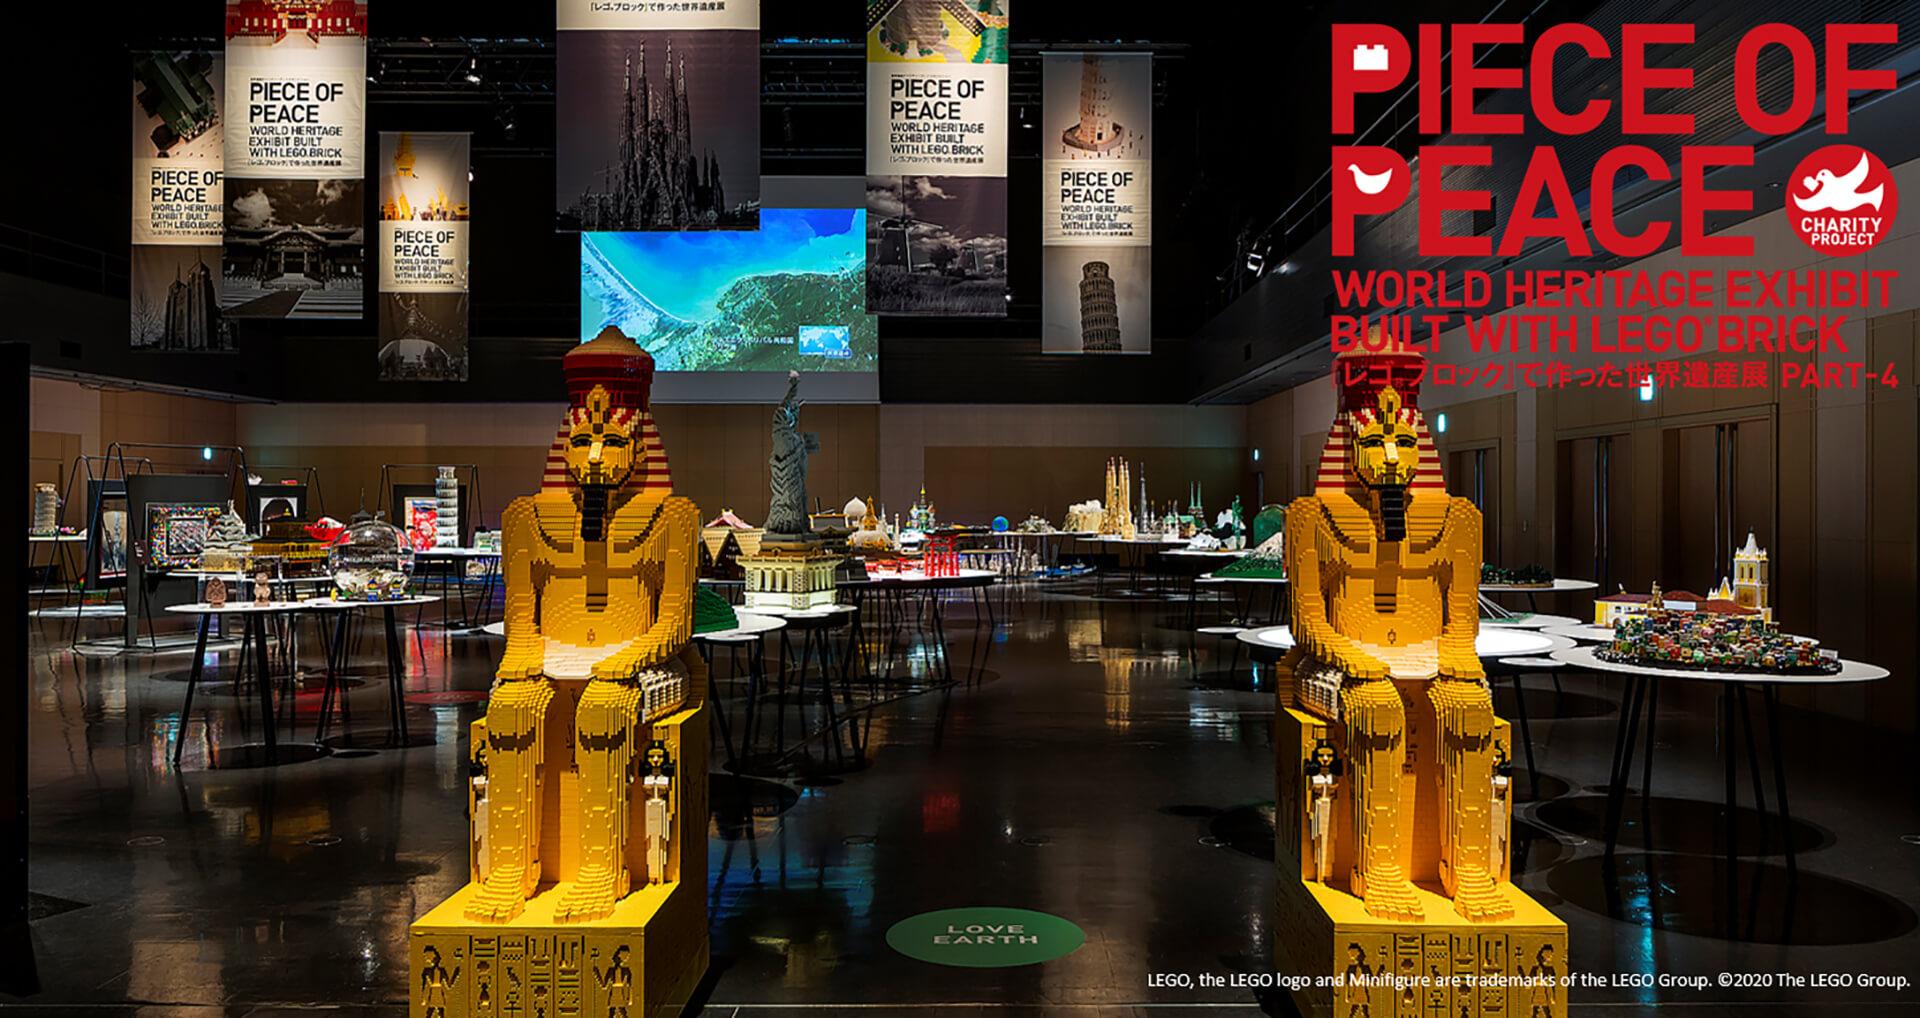 PIECE OF PEACE 『レゴ(R)ブロック』で作った世界遺産展 PART-4・メインビジュアル